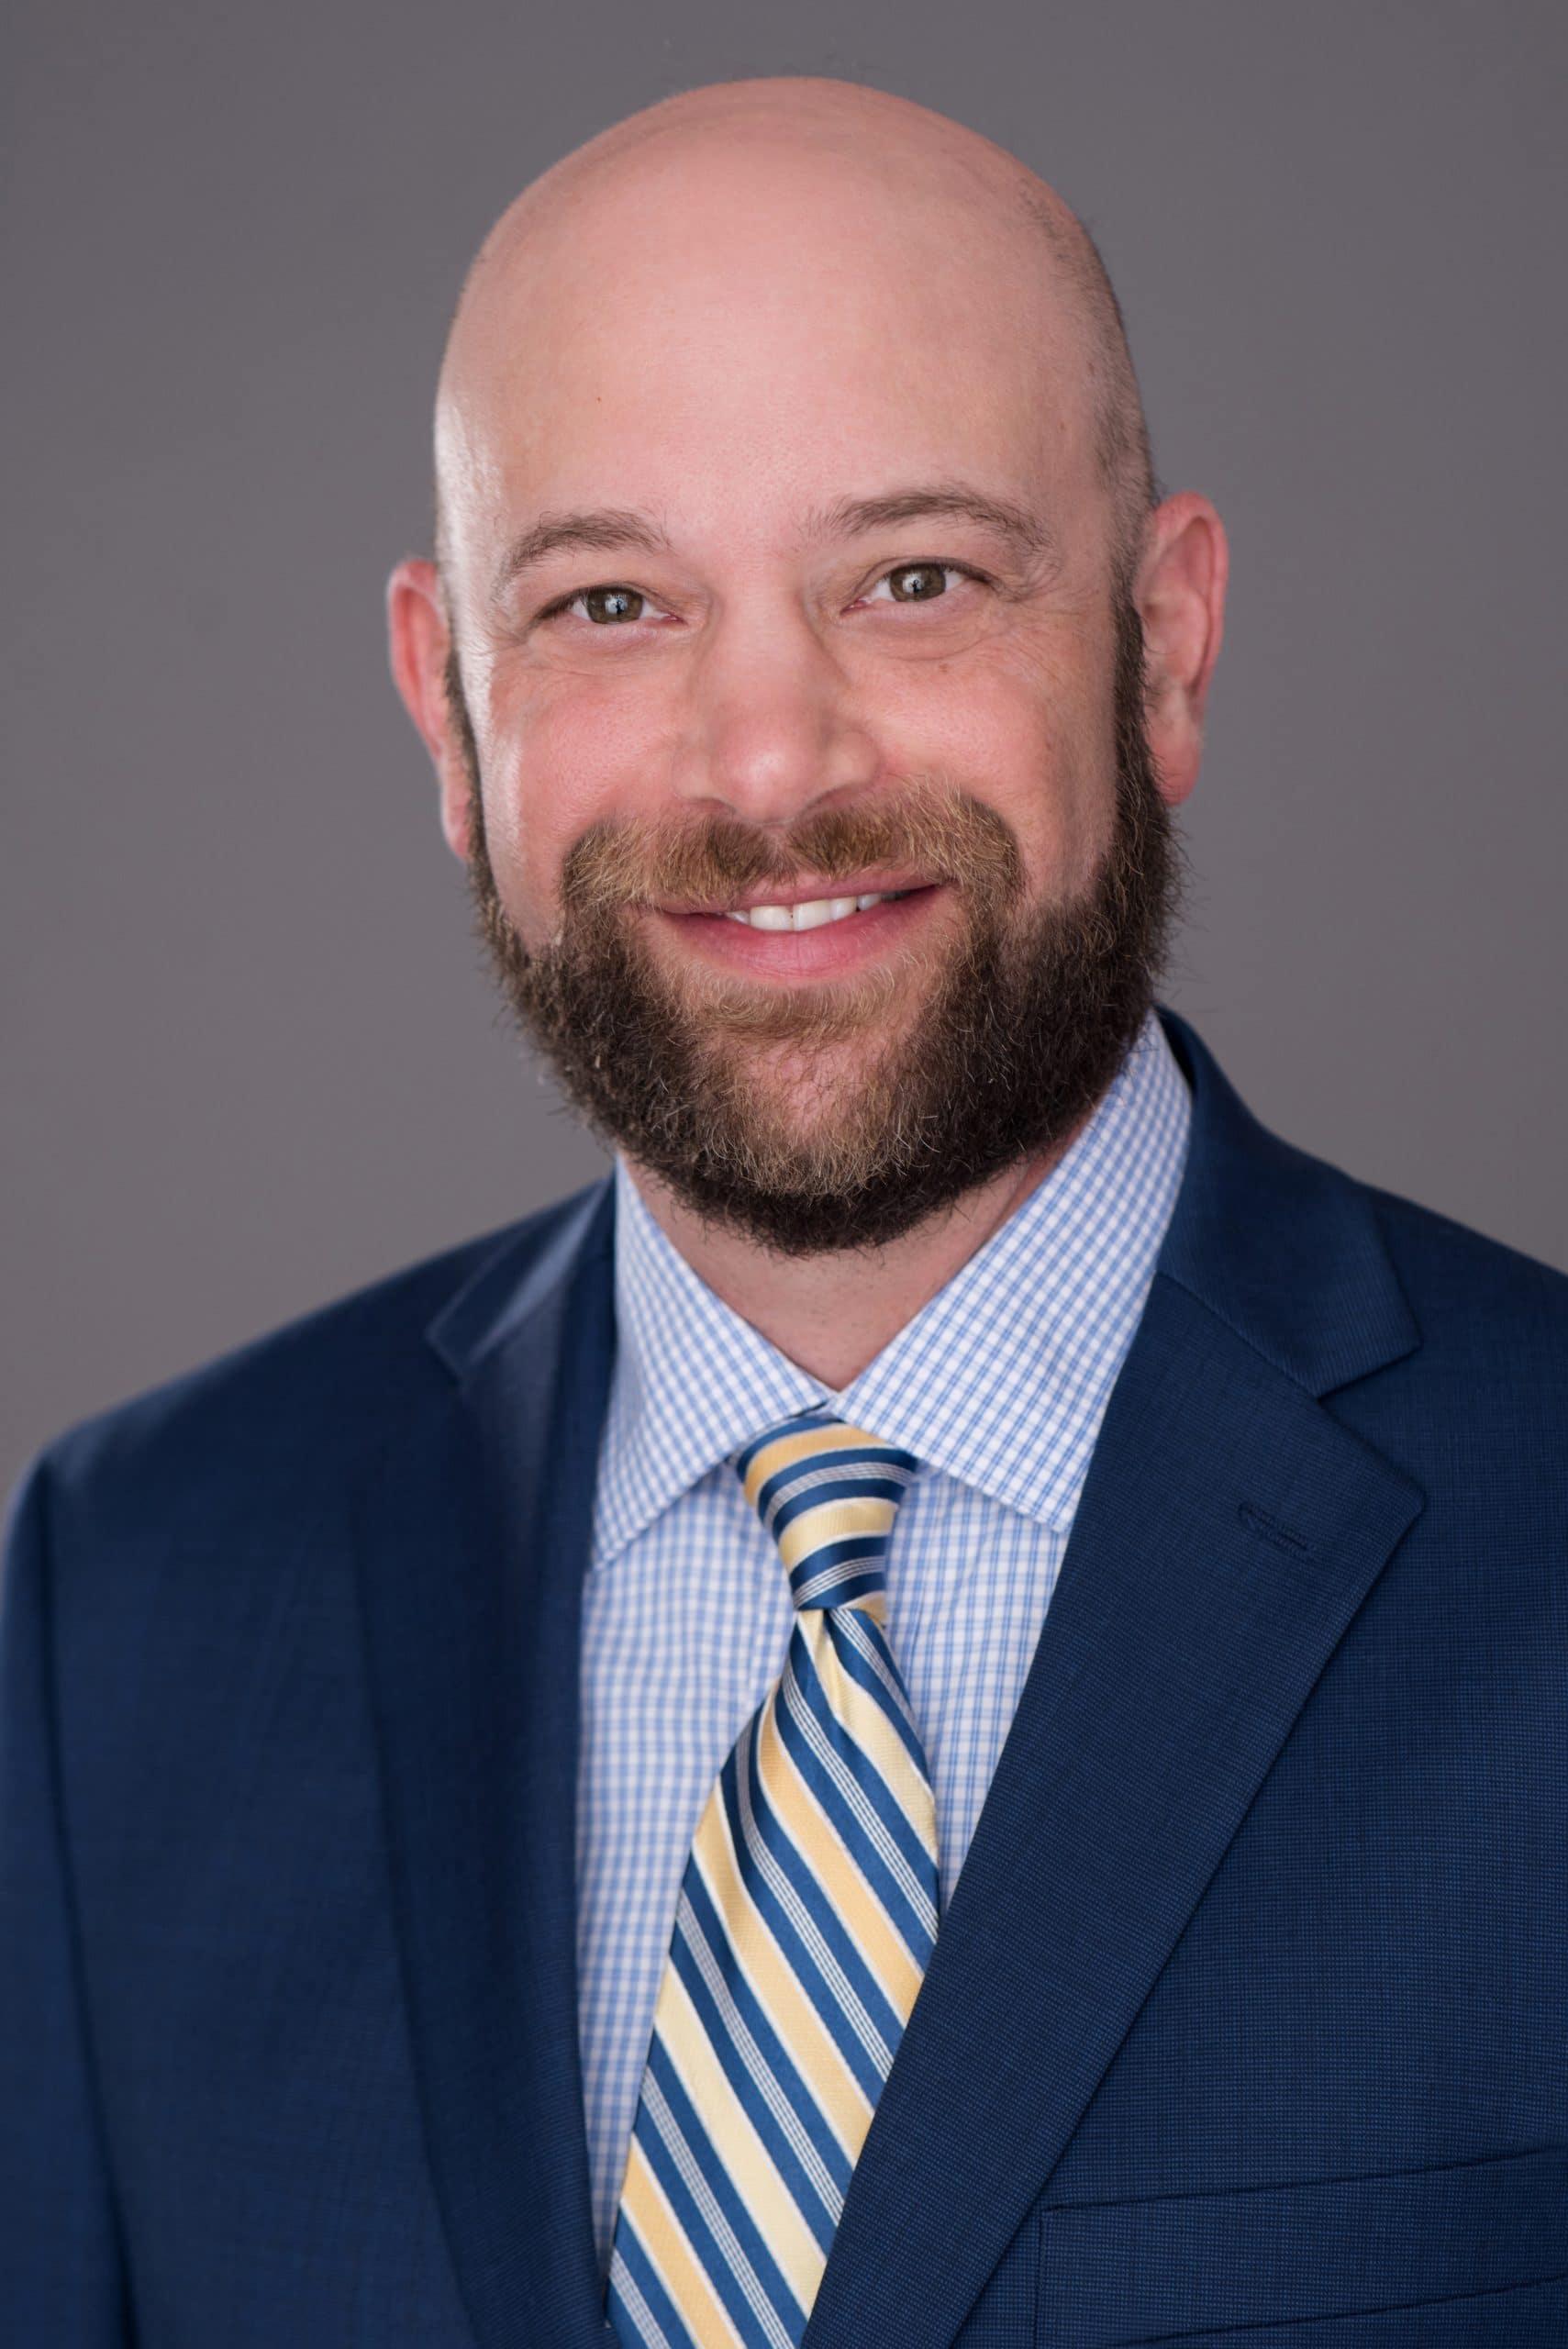 Shawn Yesner